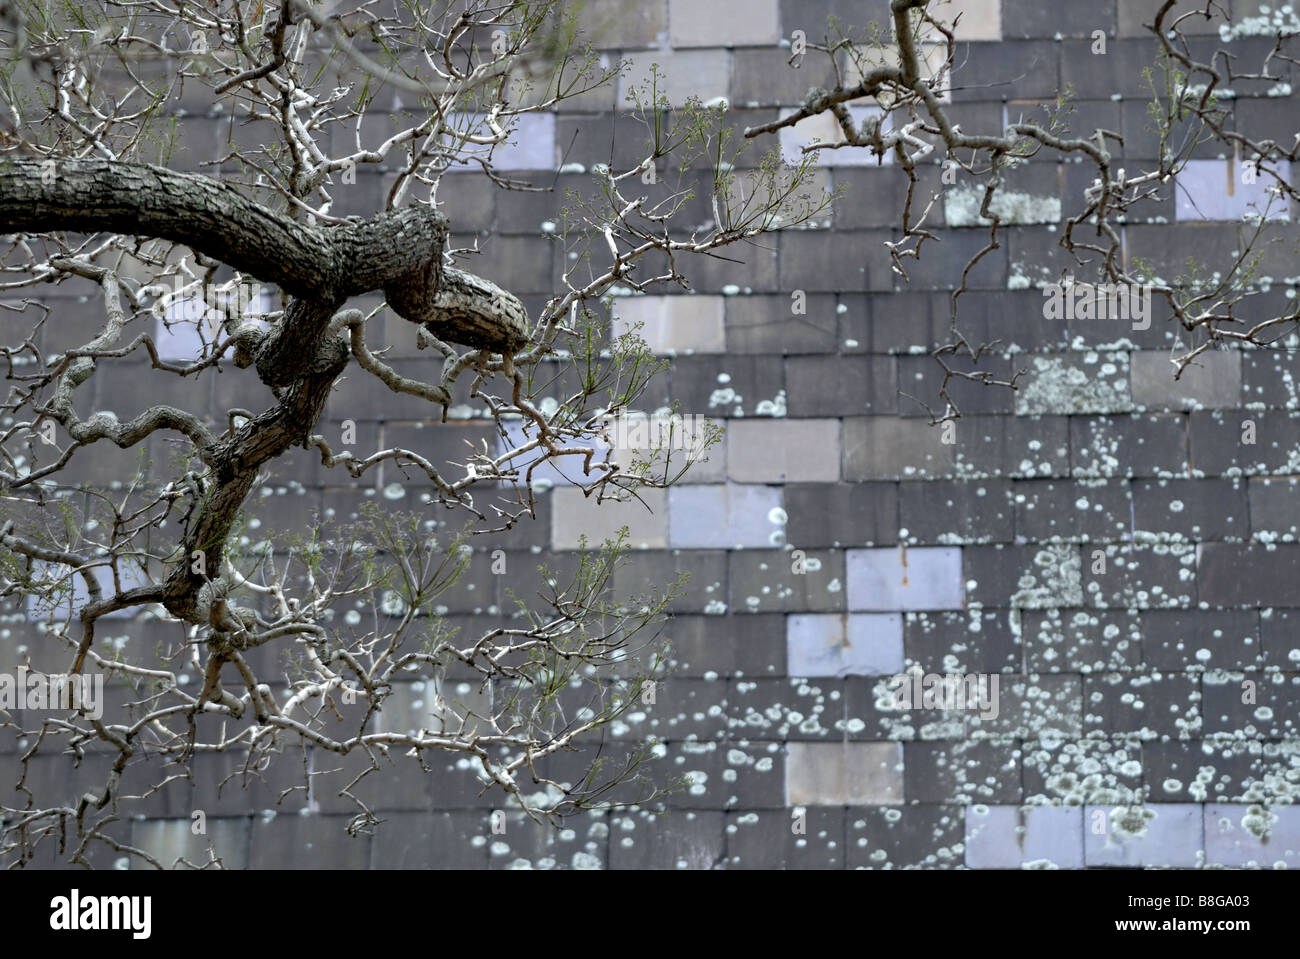 Les branches d'arbre nu avec le début du printemps, la croissance des lichens et toit en bardeaux d'ardoise Photo Stock